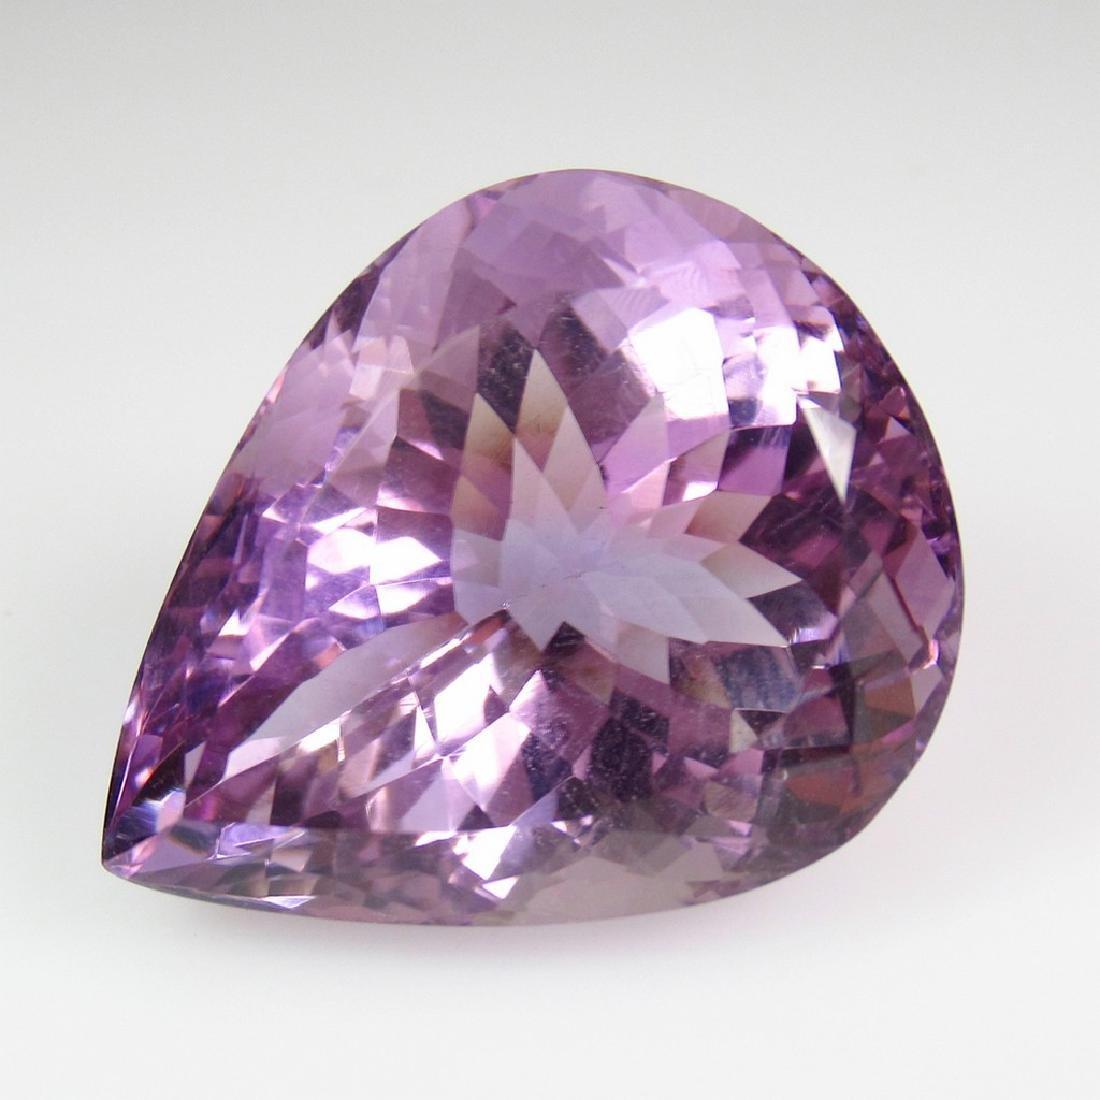 30.32 Ct Genuine Purple Amethyst 24X19 mm Pear Cut